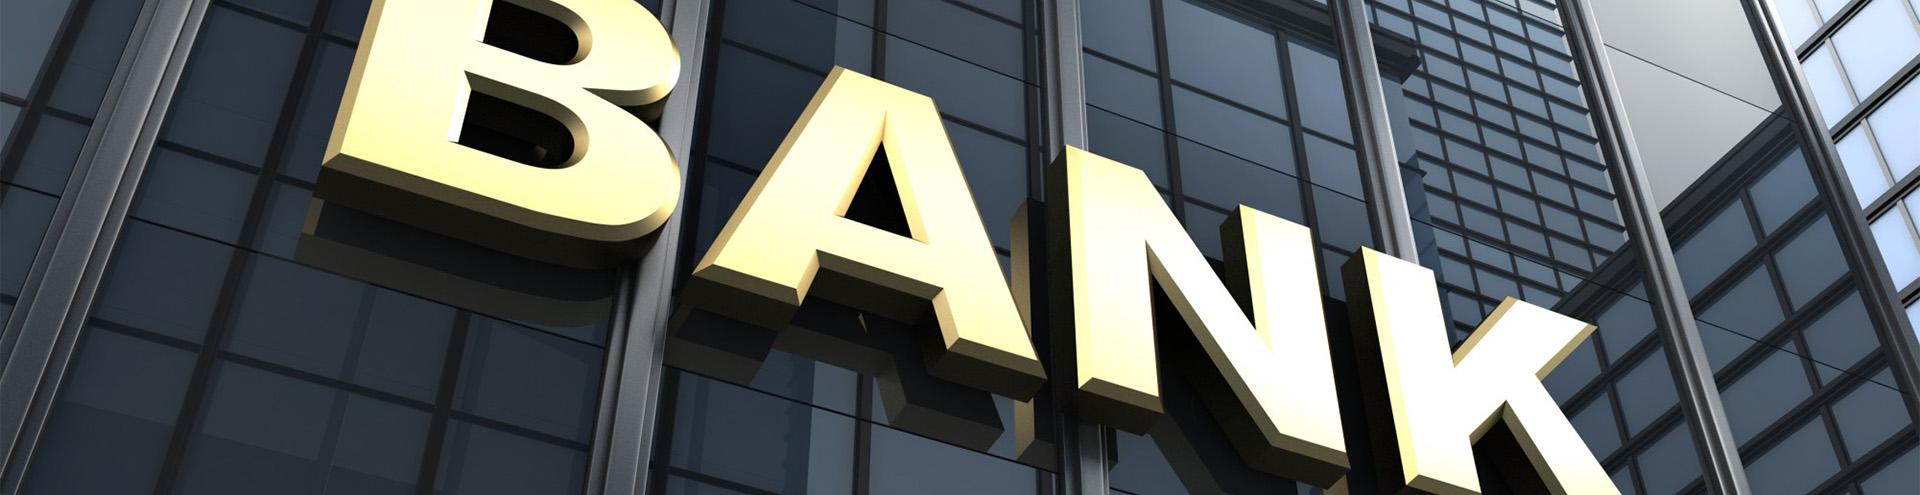 Споры с банками в Оренбурге и Оренбургской области